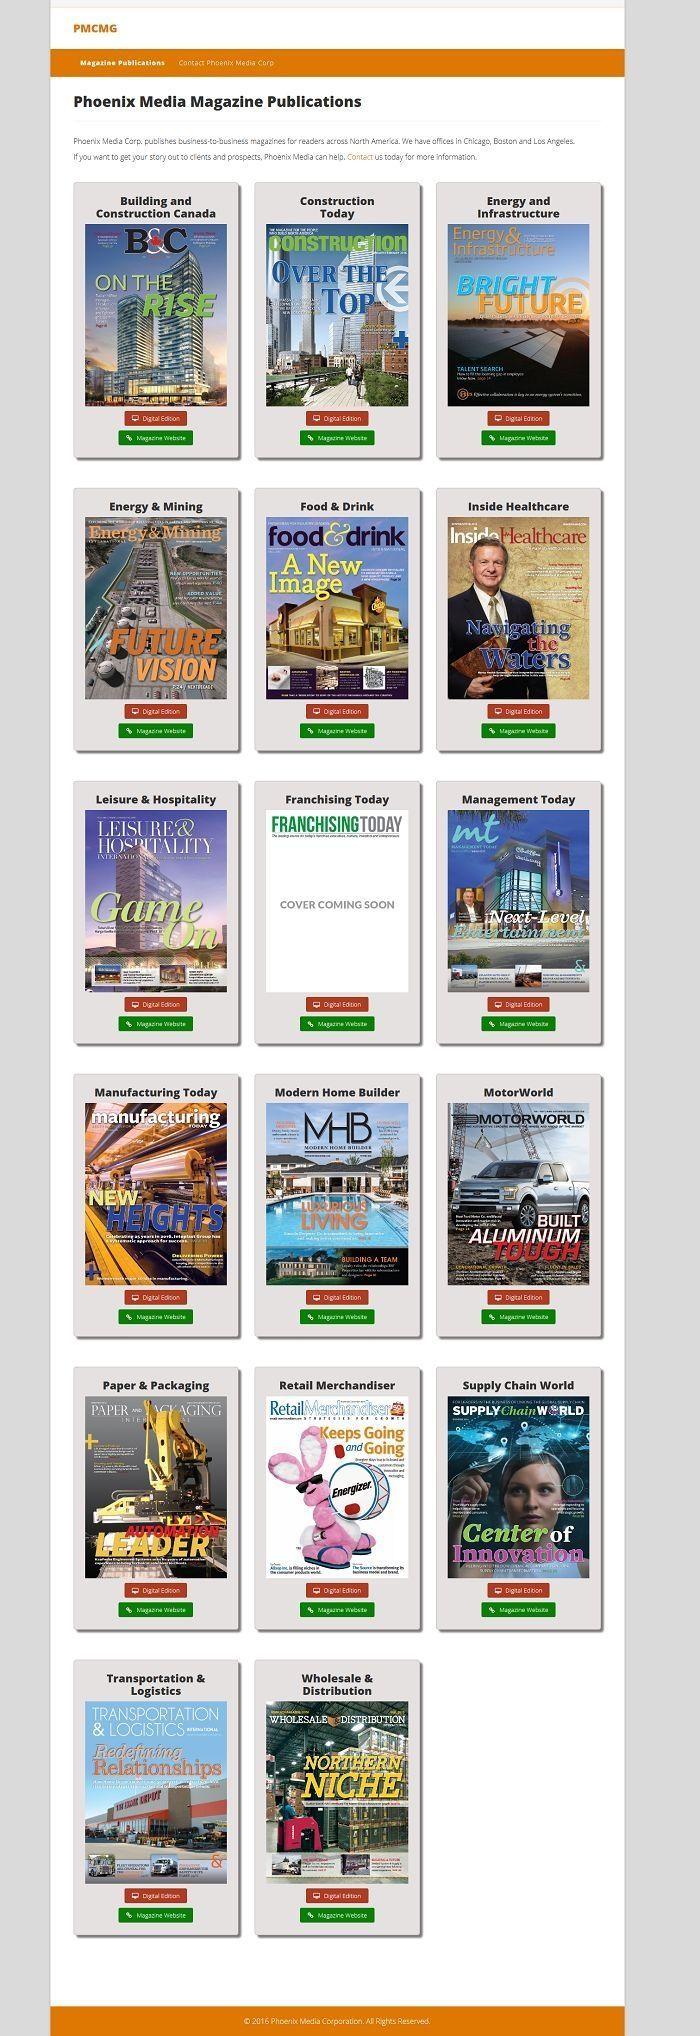 k2_items_src_68b62085e41e8f225811766f8d5eb2bb